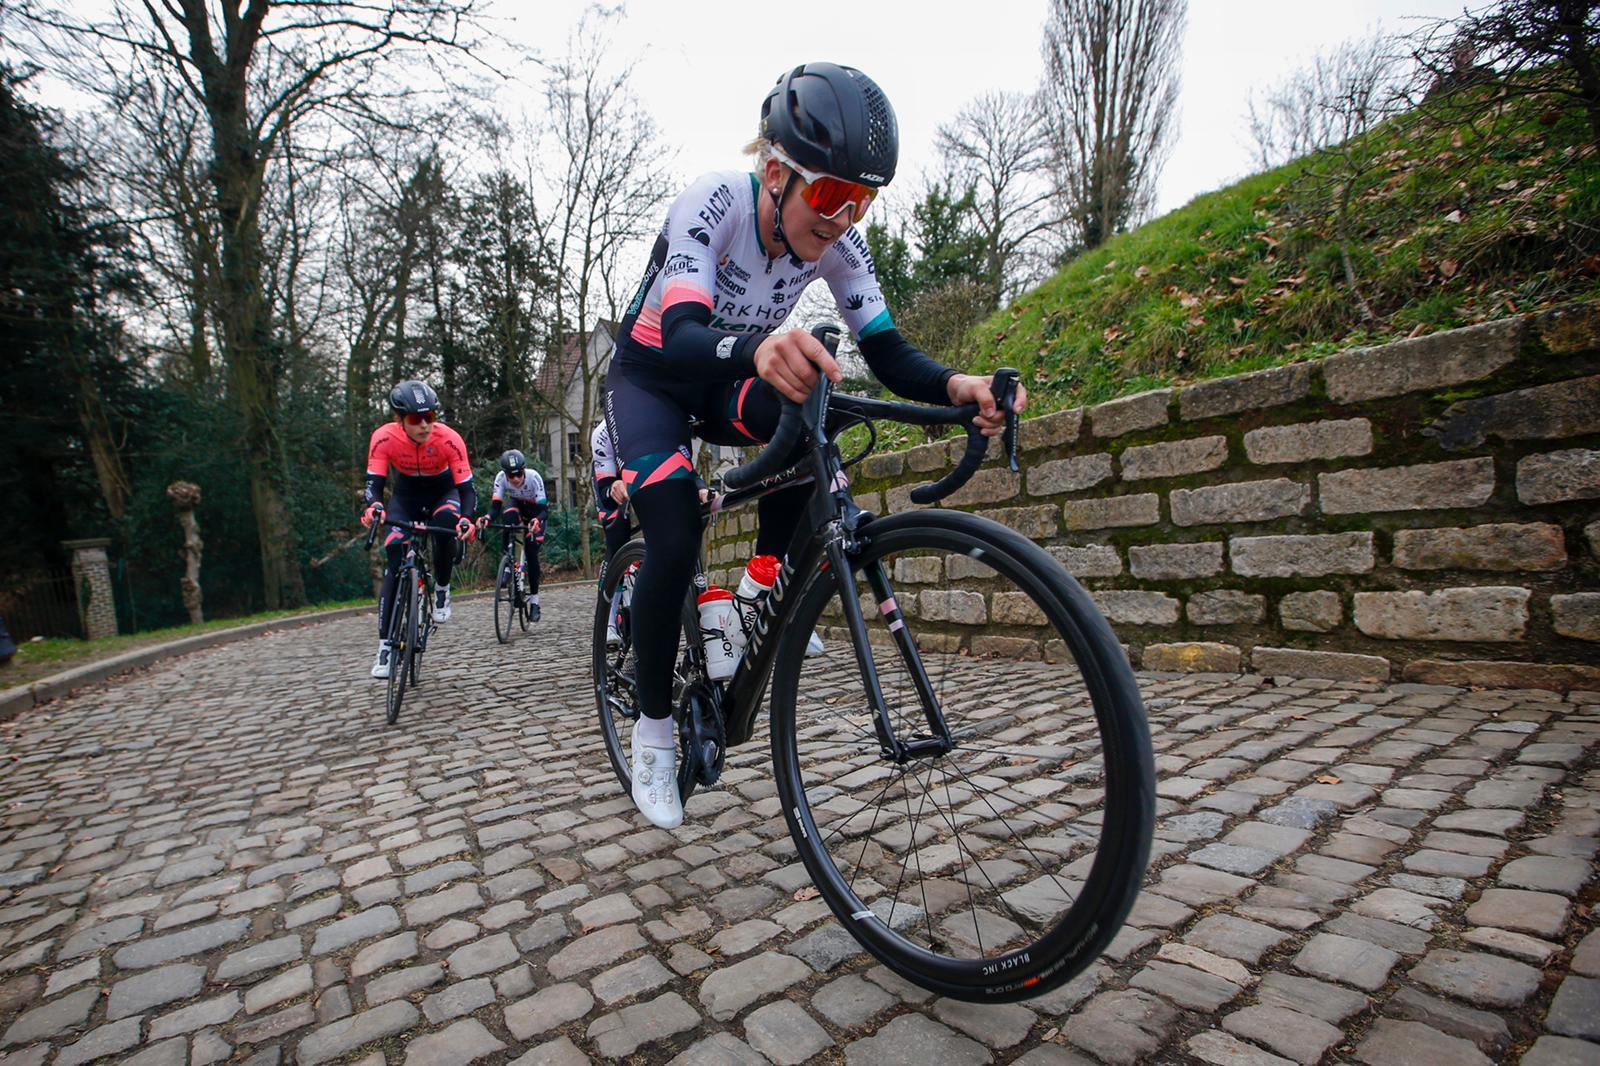 Marit Raaijmakers, wielrenster uit Hippolytushoef, duikt overvol voorjaar in met programma op de weg en baan. 'De liefde gaat uit naar twee kanten, ik kan en wil geen keuze maken'